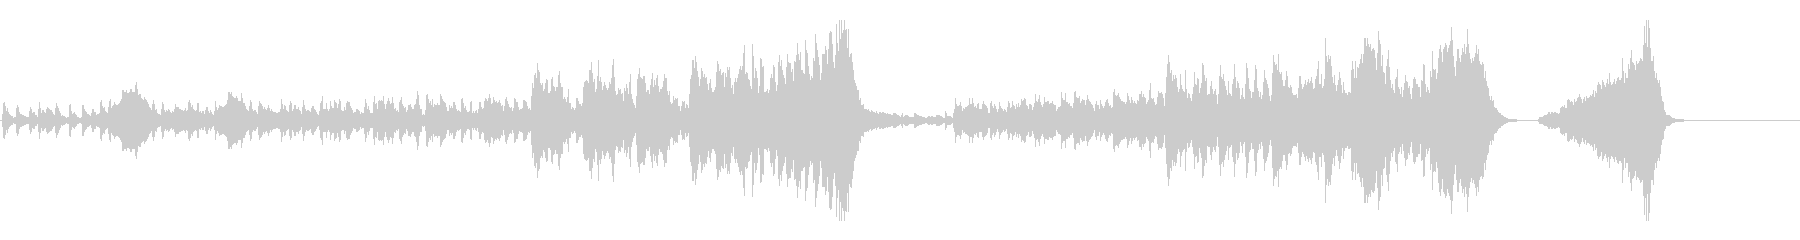 軽快なオーケストラのオープニング曲の未再生の波形